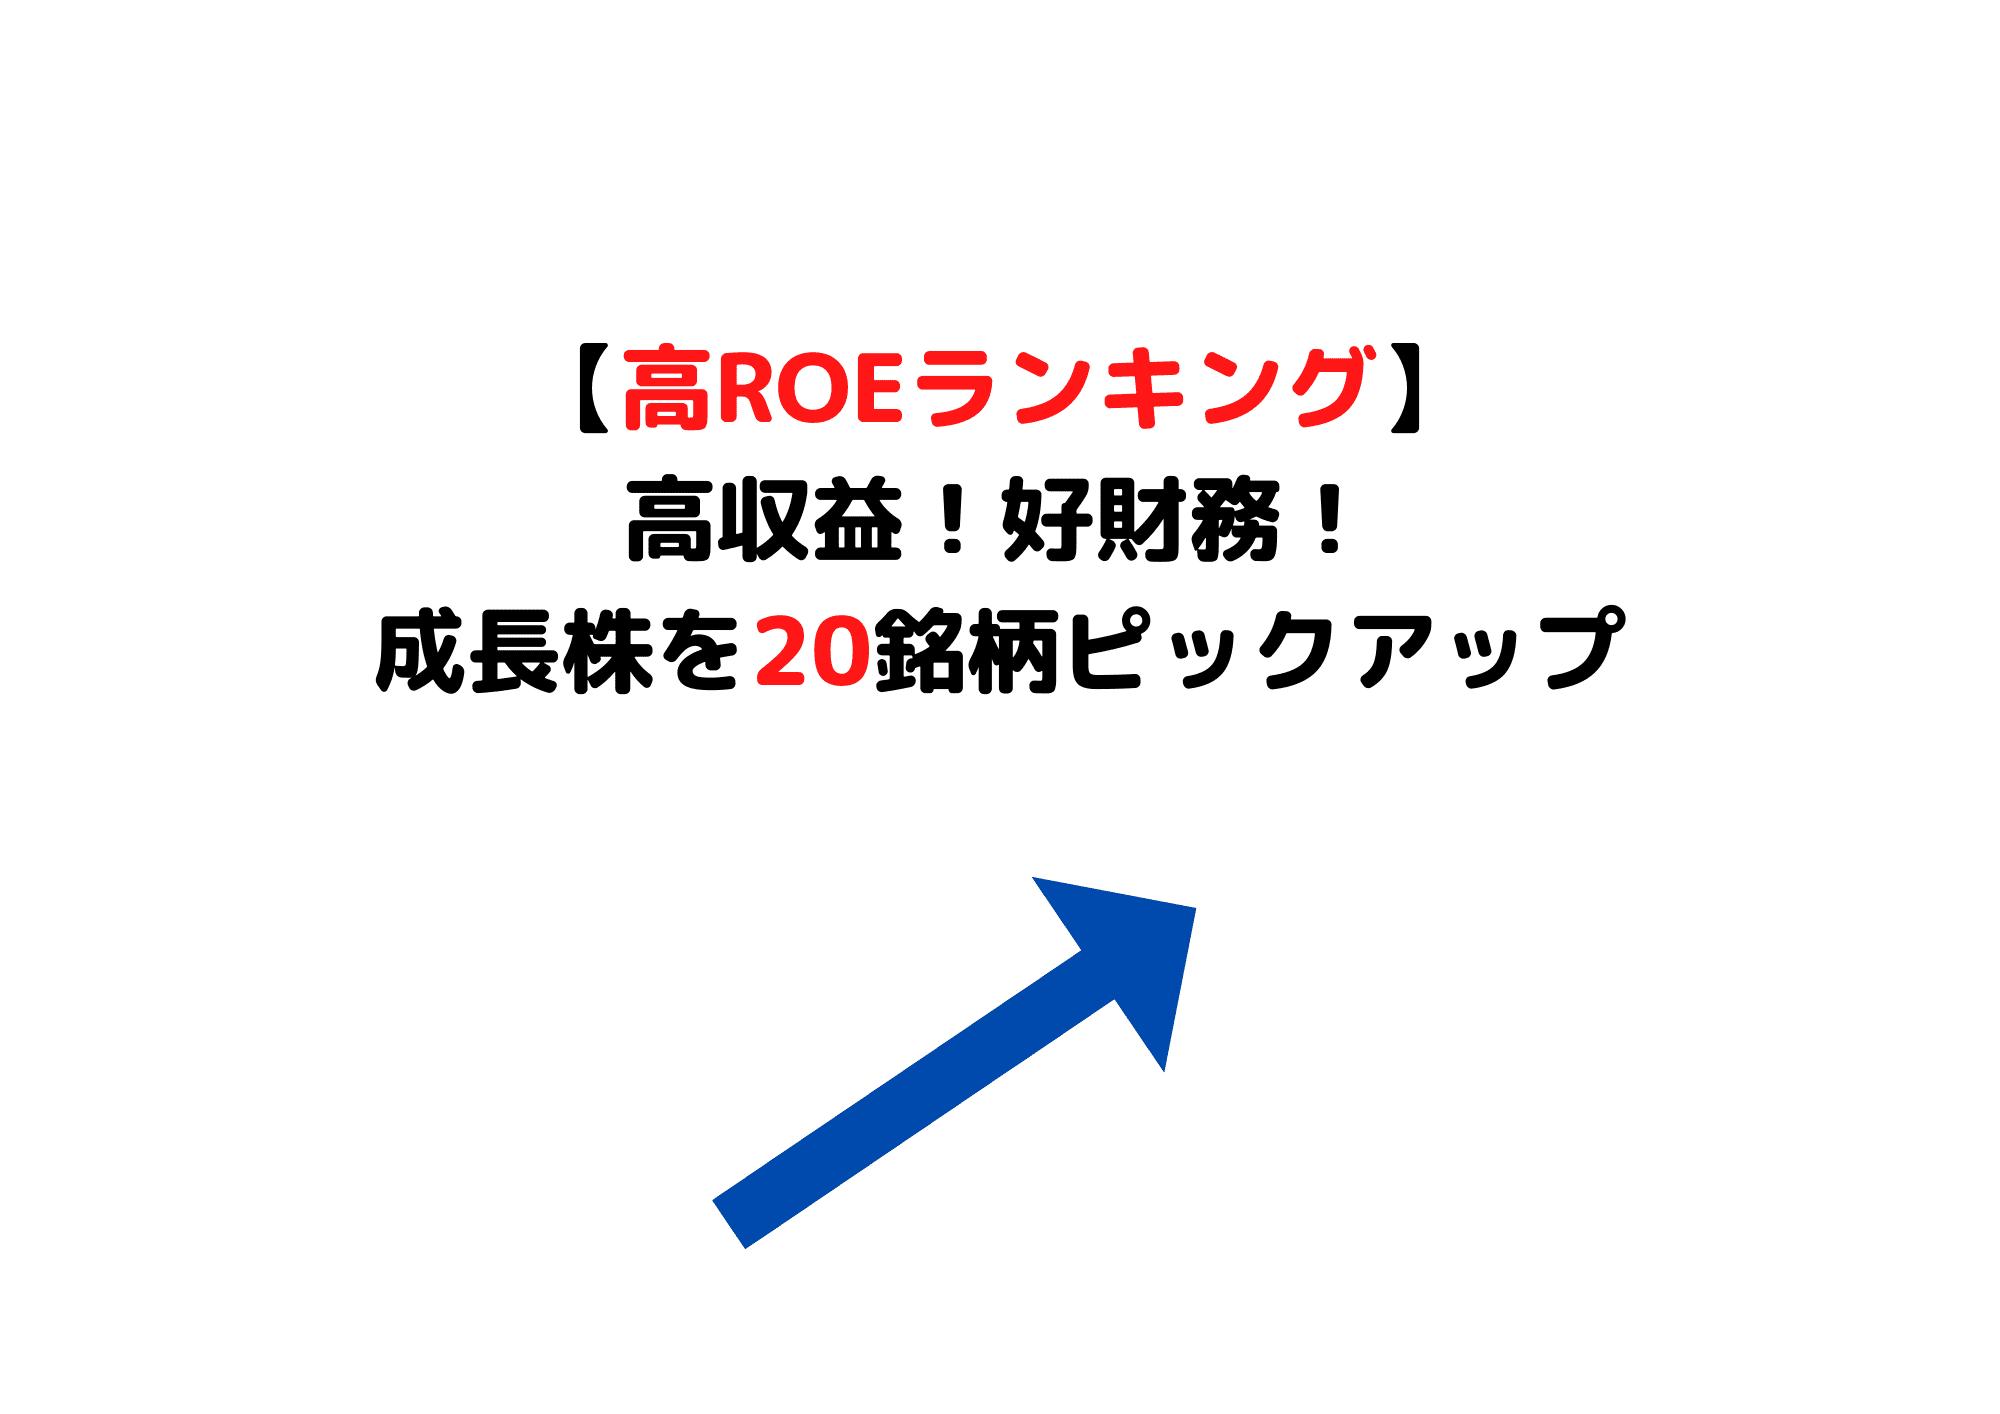 ROEランキング 高成長 (1)